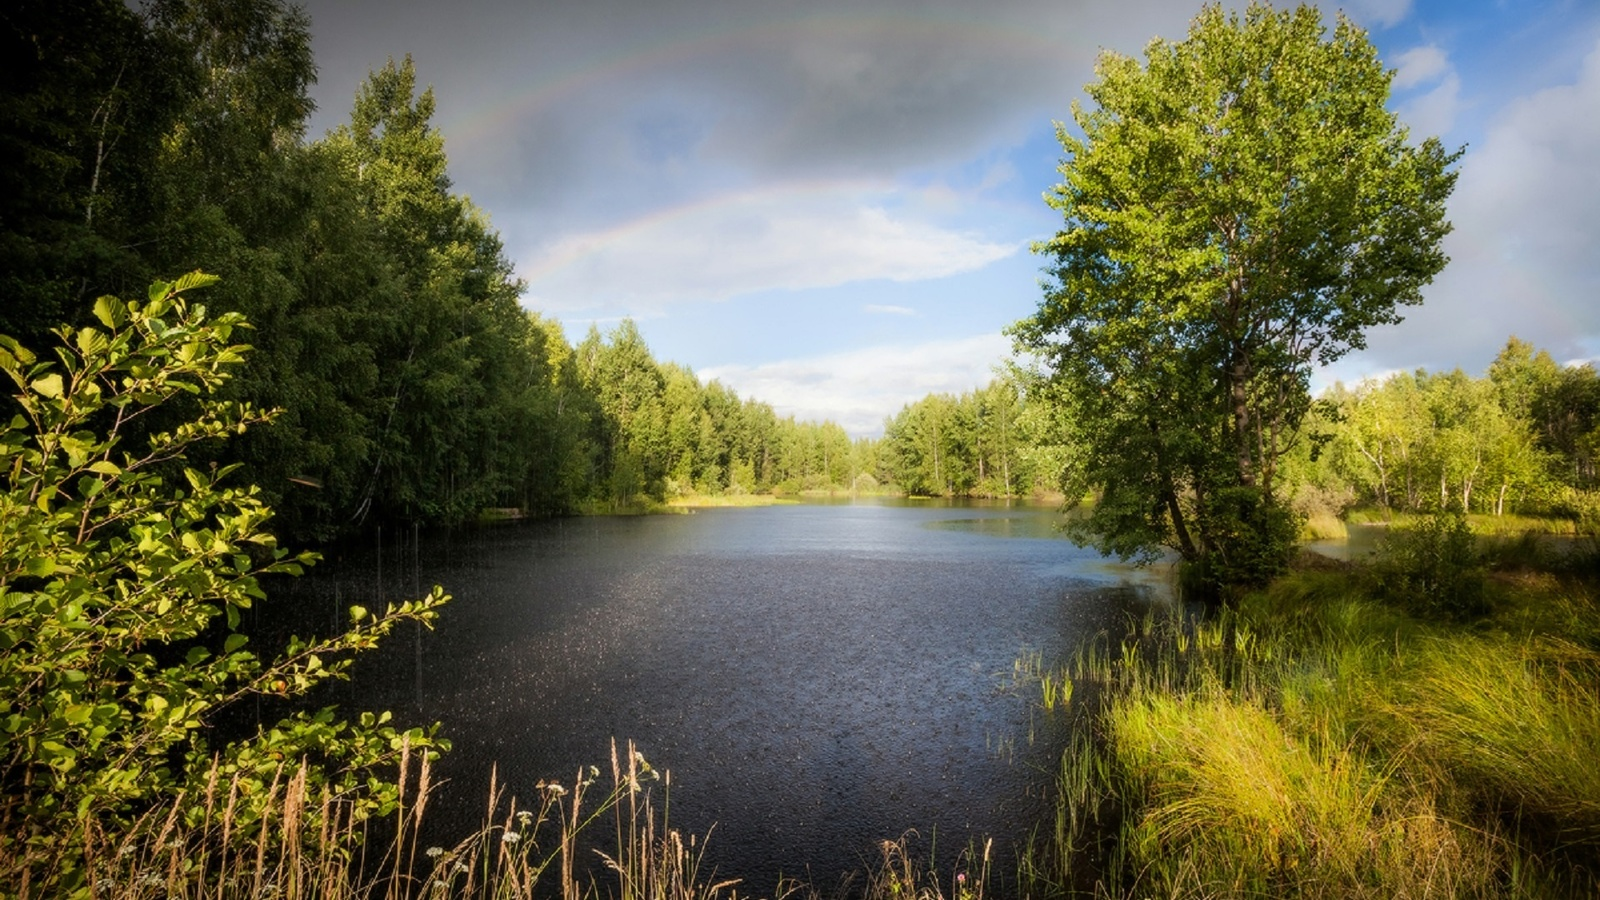 озеро, лес, радуга, ливень, вечер, благодать, копычко михаил, деревья,крона,кустарник,листва,зелень,облака,облака